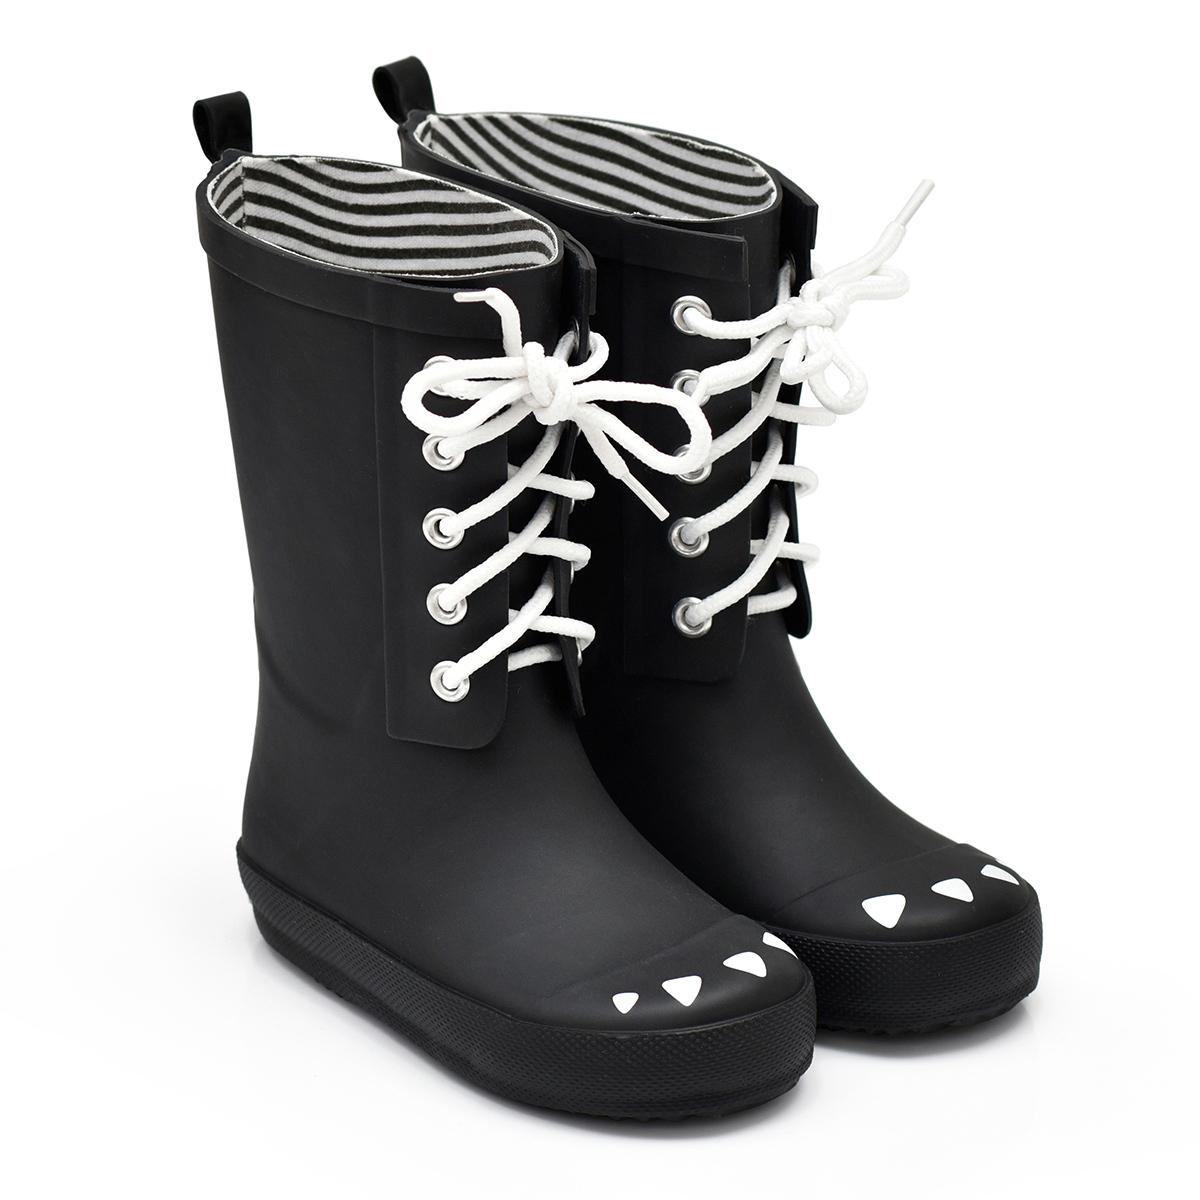 Chaussons & Chaussures Bottes Kerran Noir - 27 Bottes Kerran Noir - 27